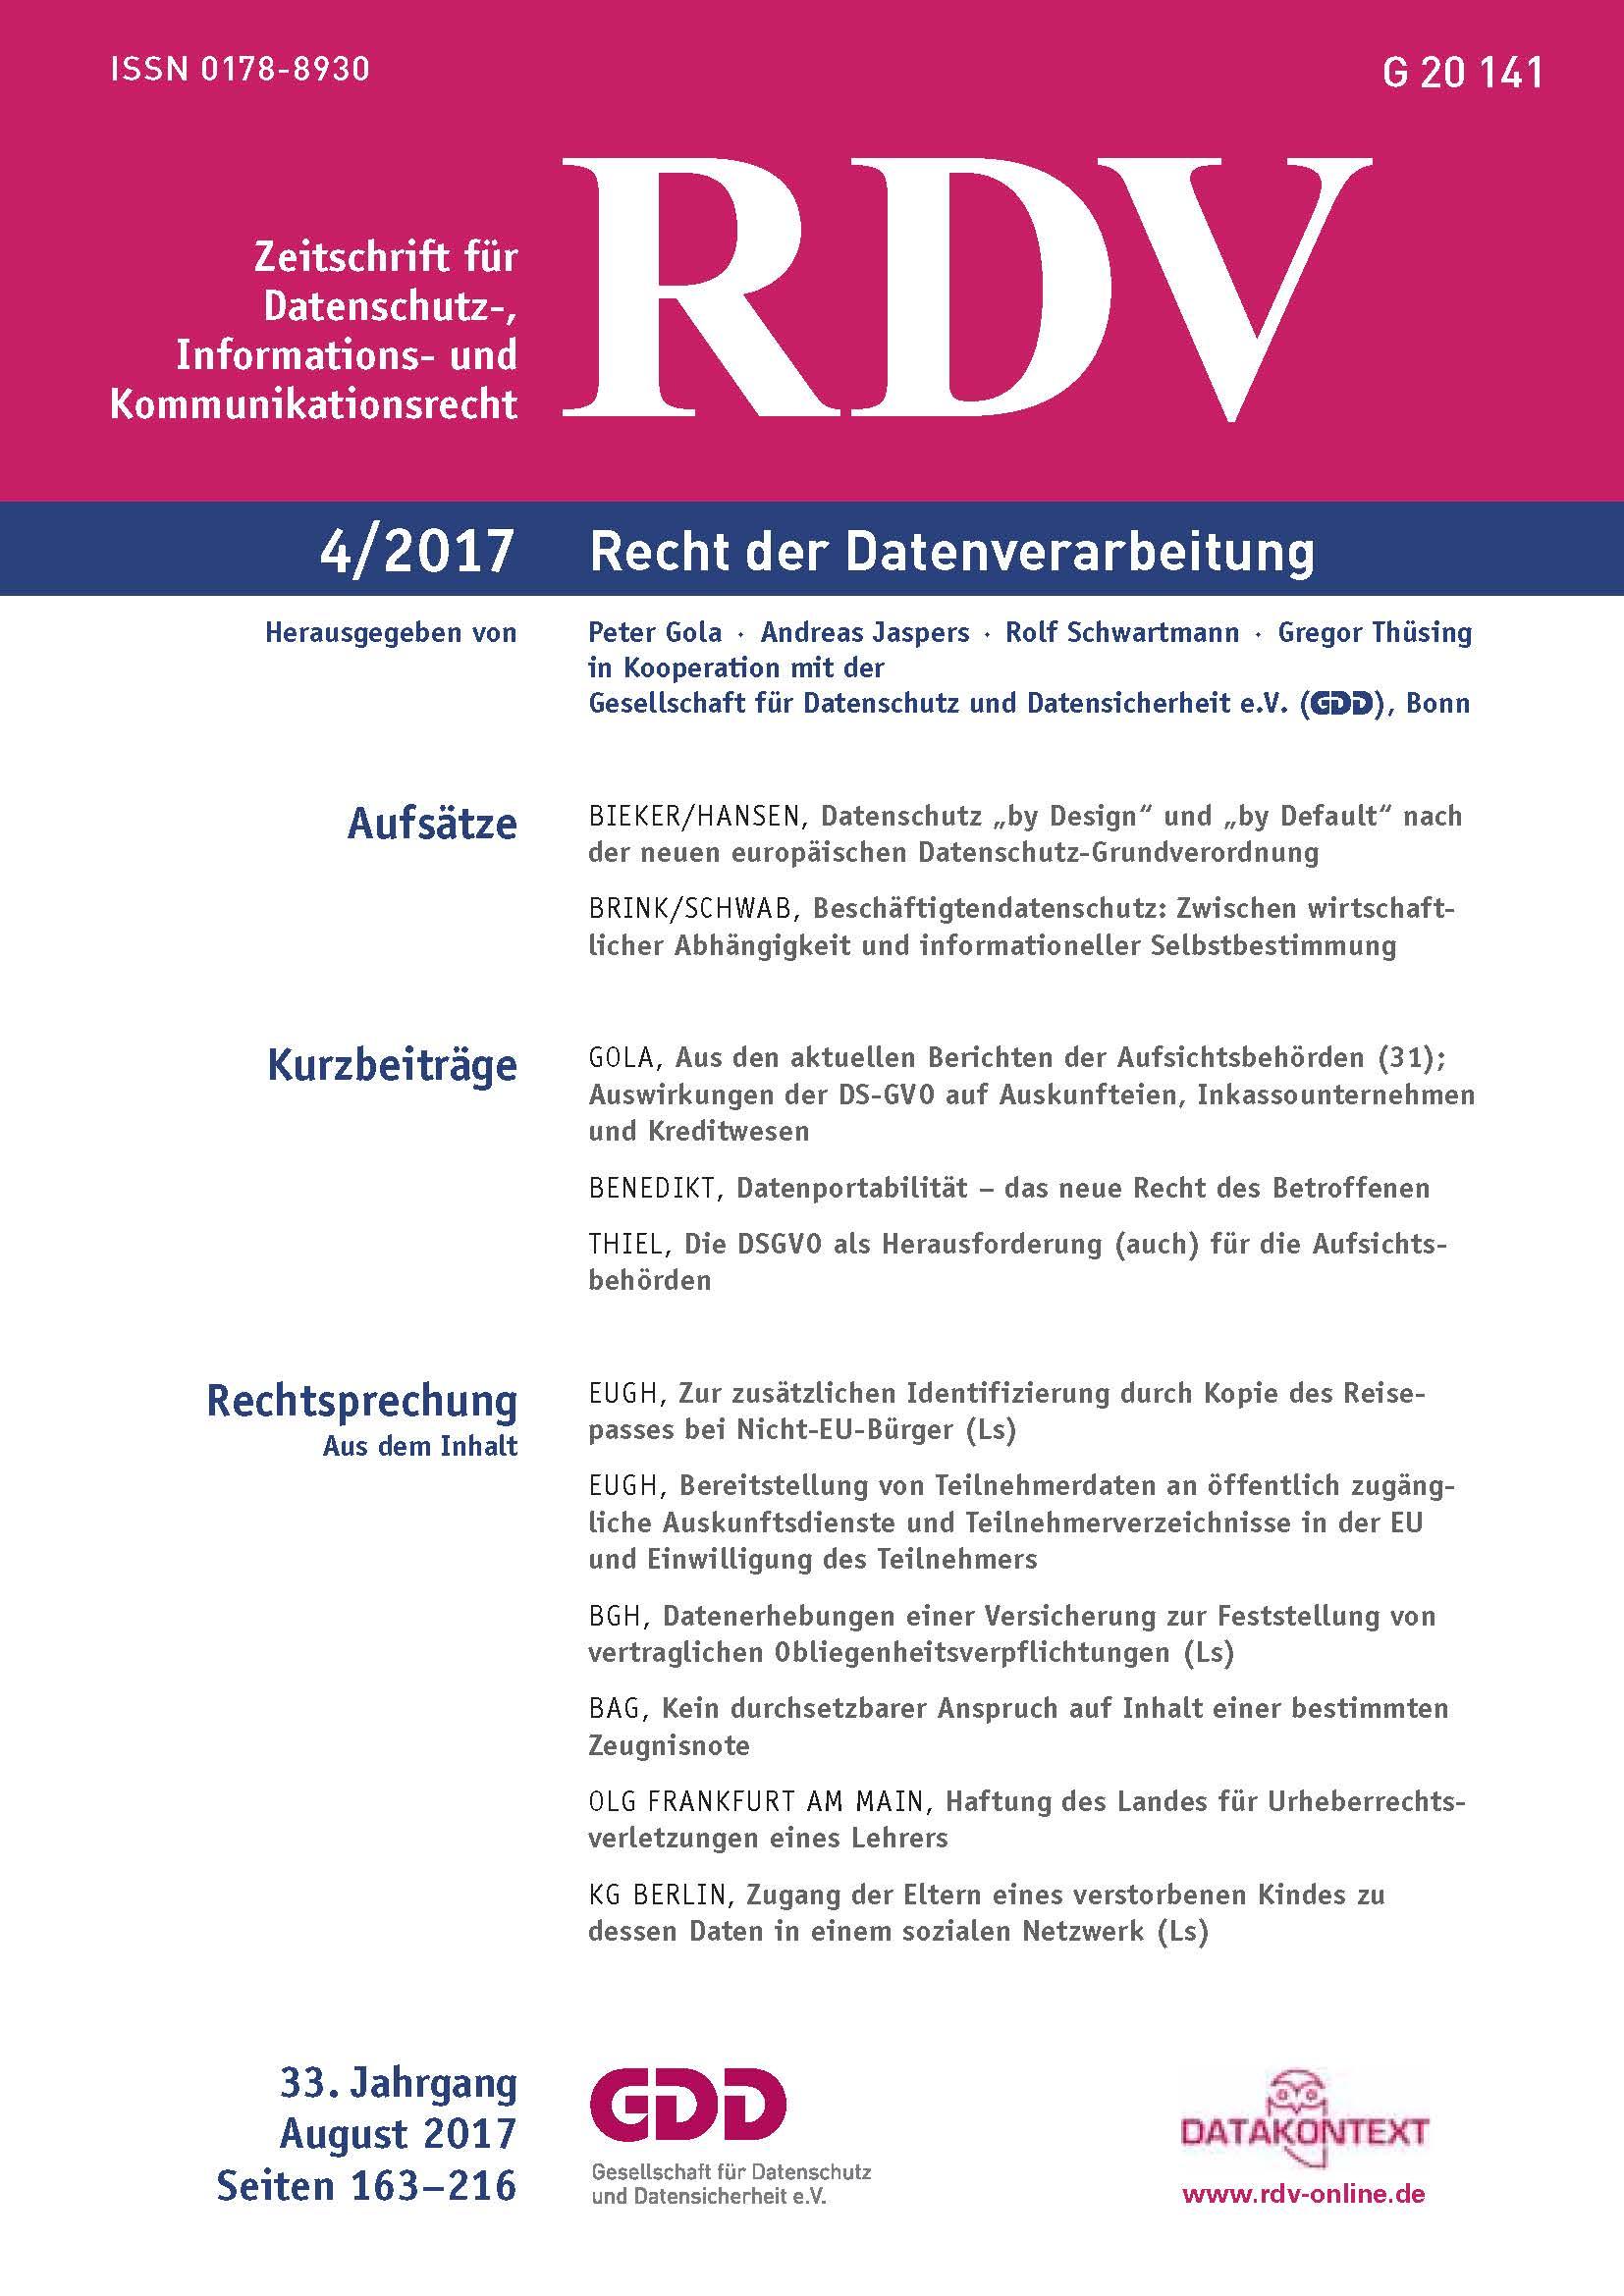 Die neue Ausgabe der RDV ist da!